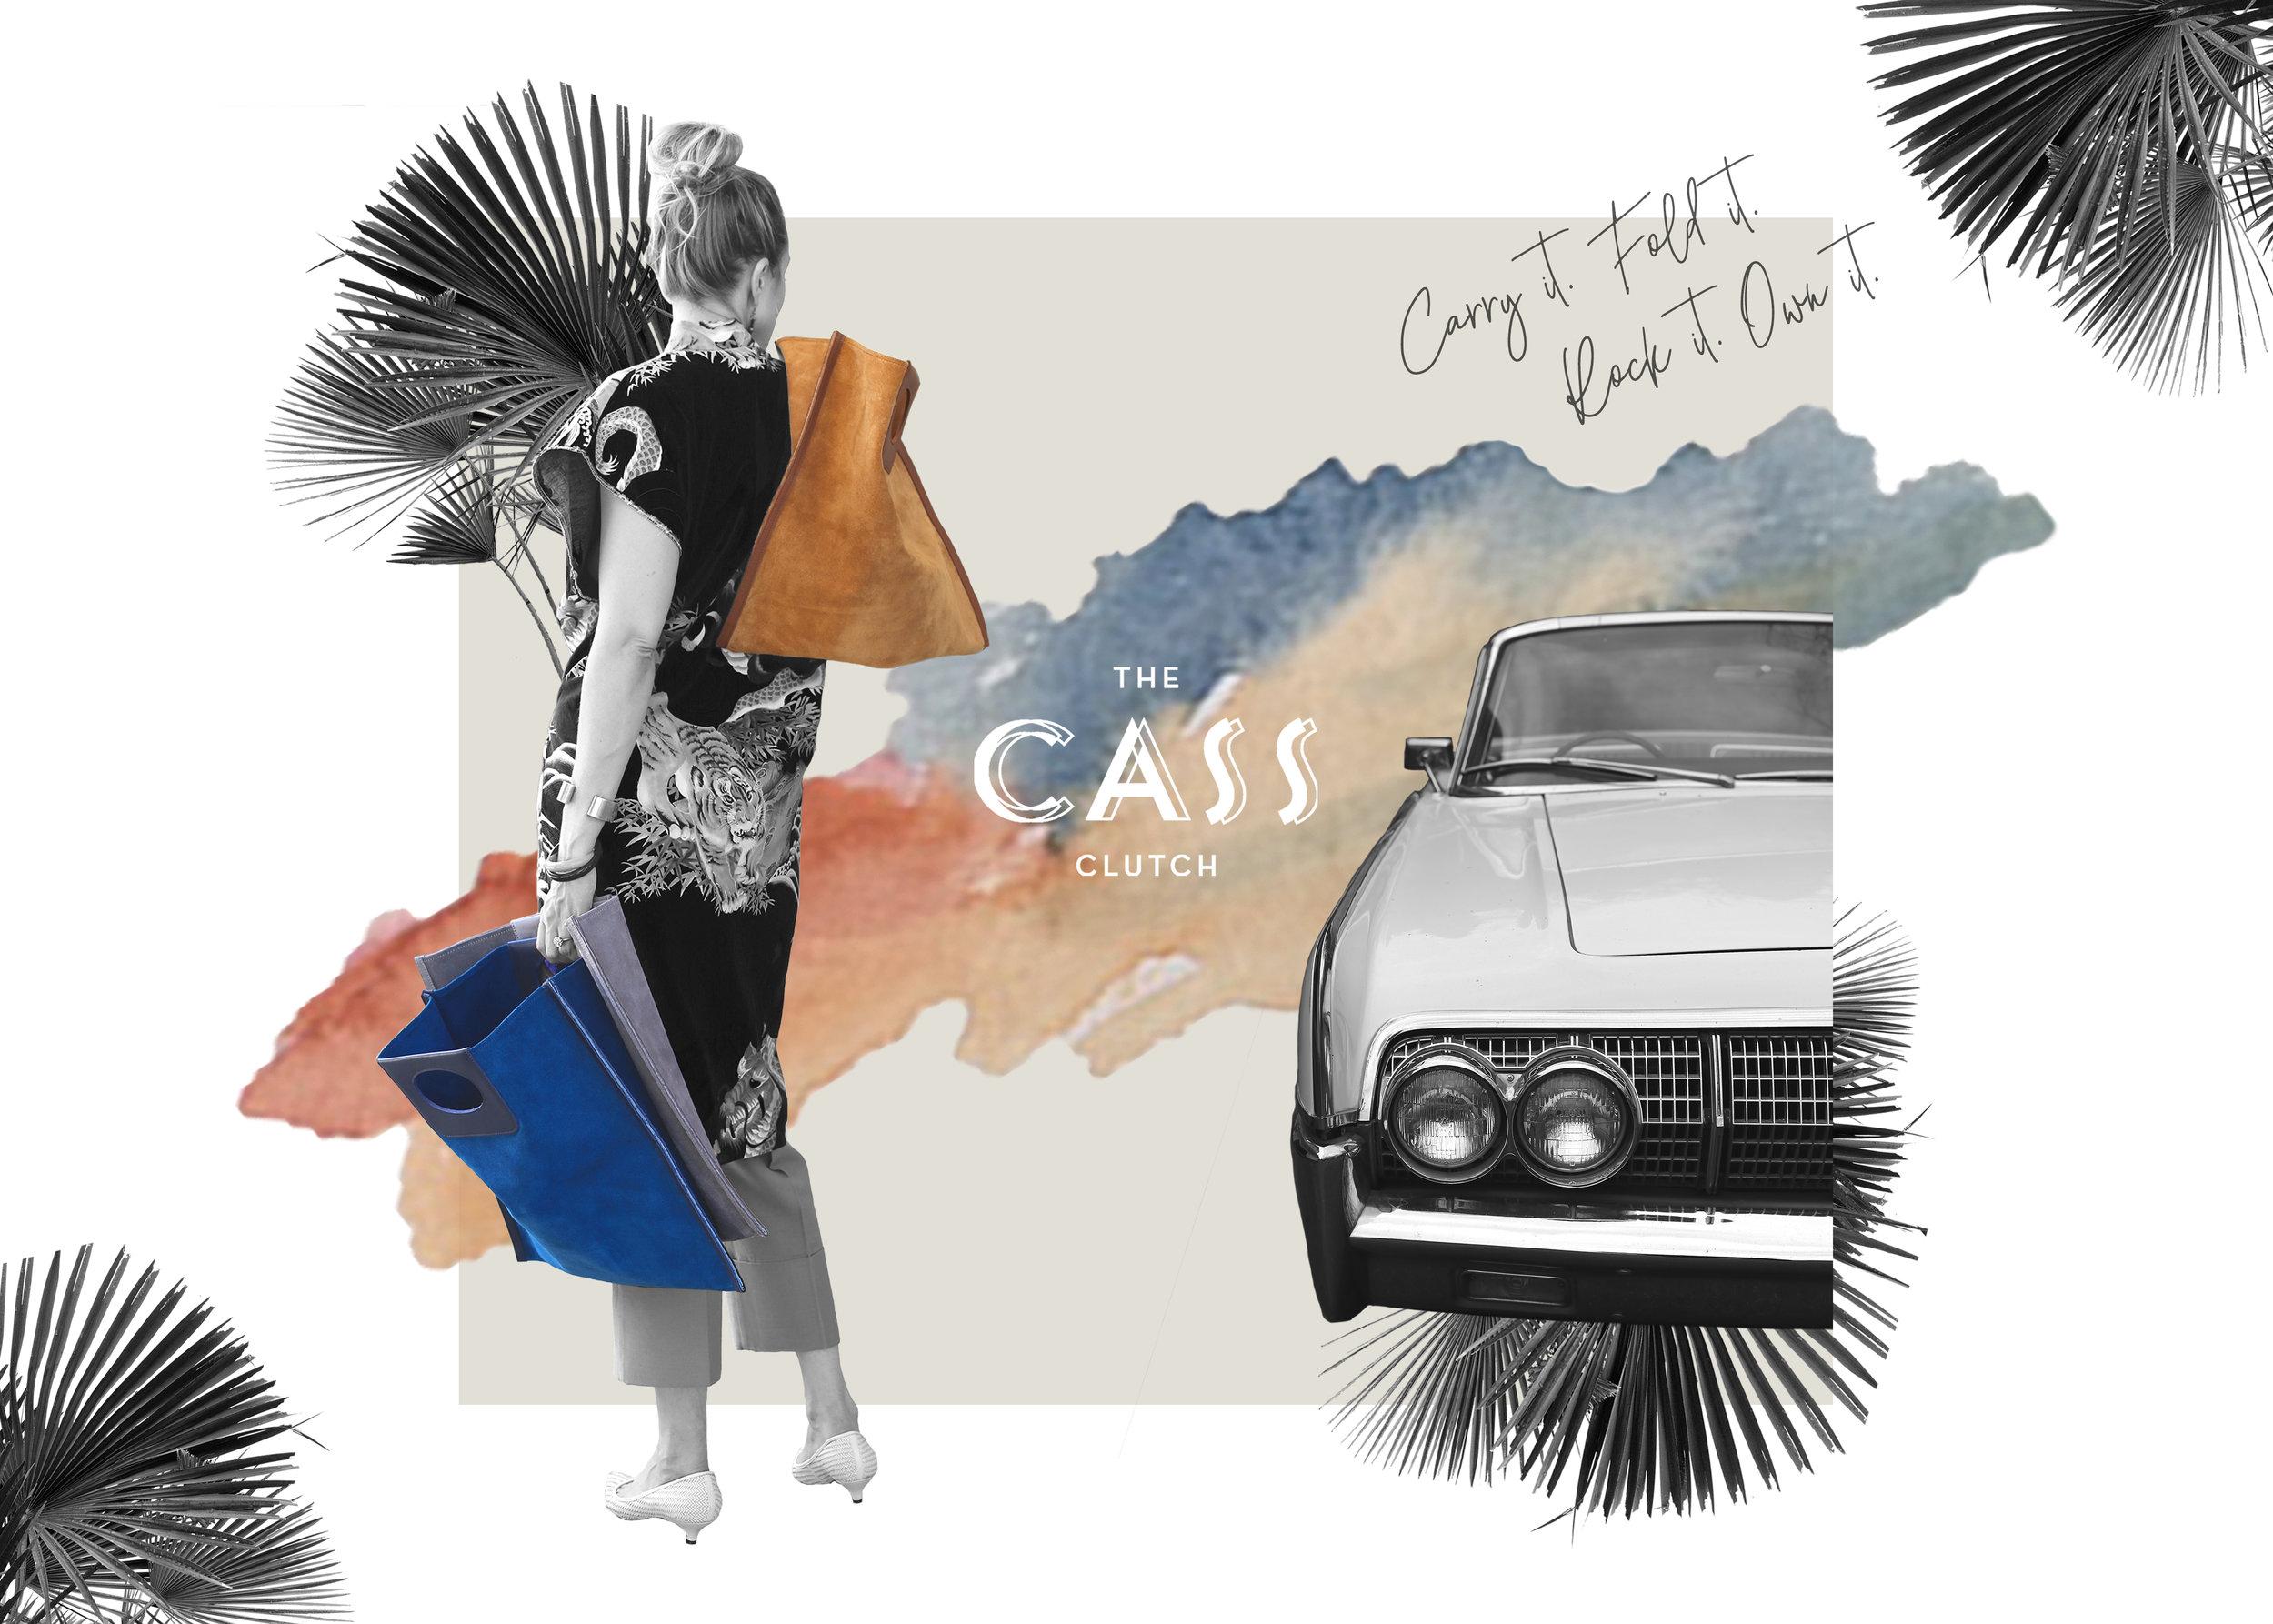 Cass Clutch Care Card-2a.jpg